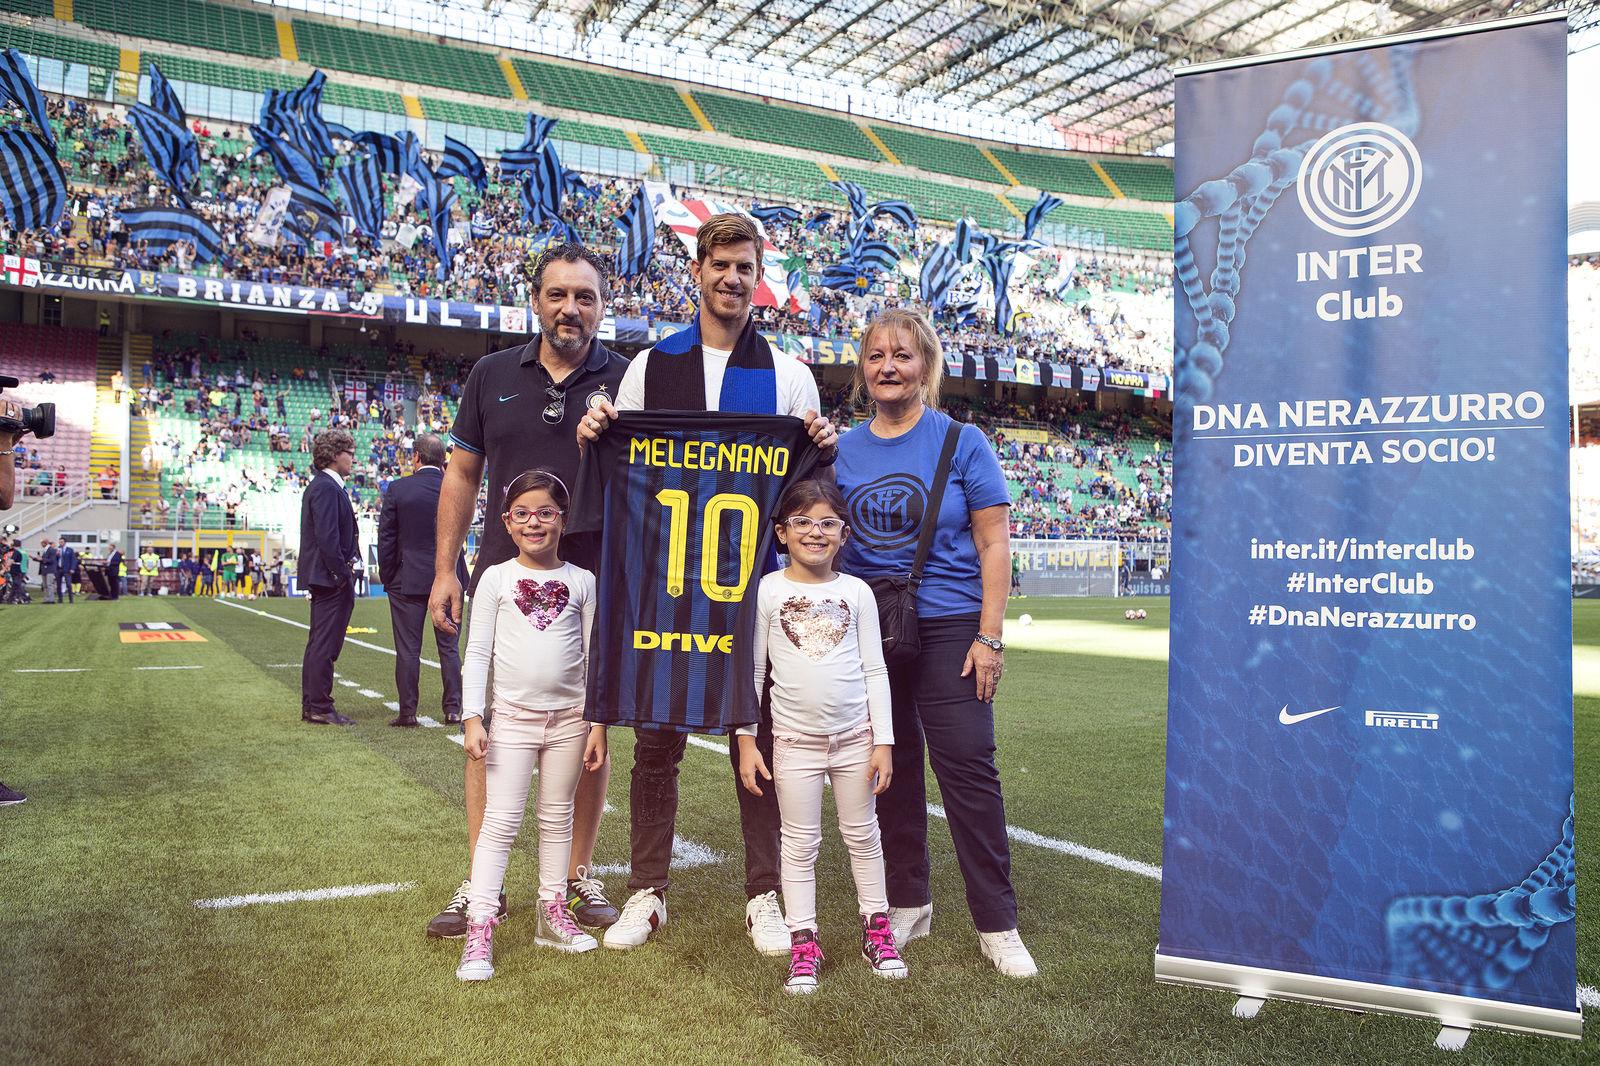 Ansaldi premia gli Inter Club di Ungheria e Melegnano